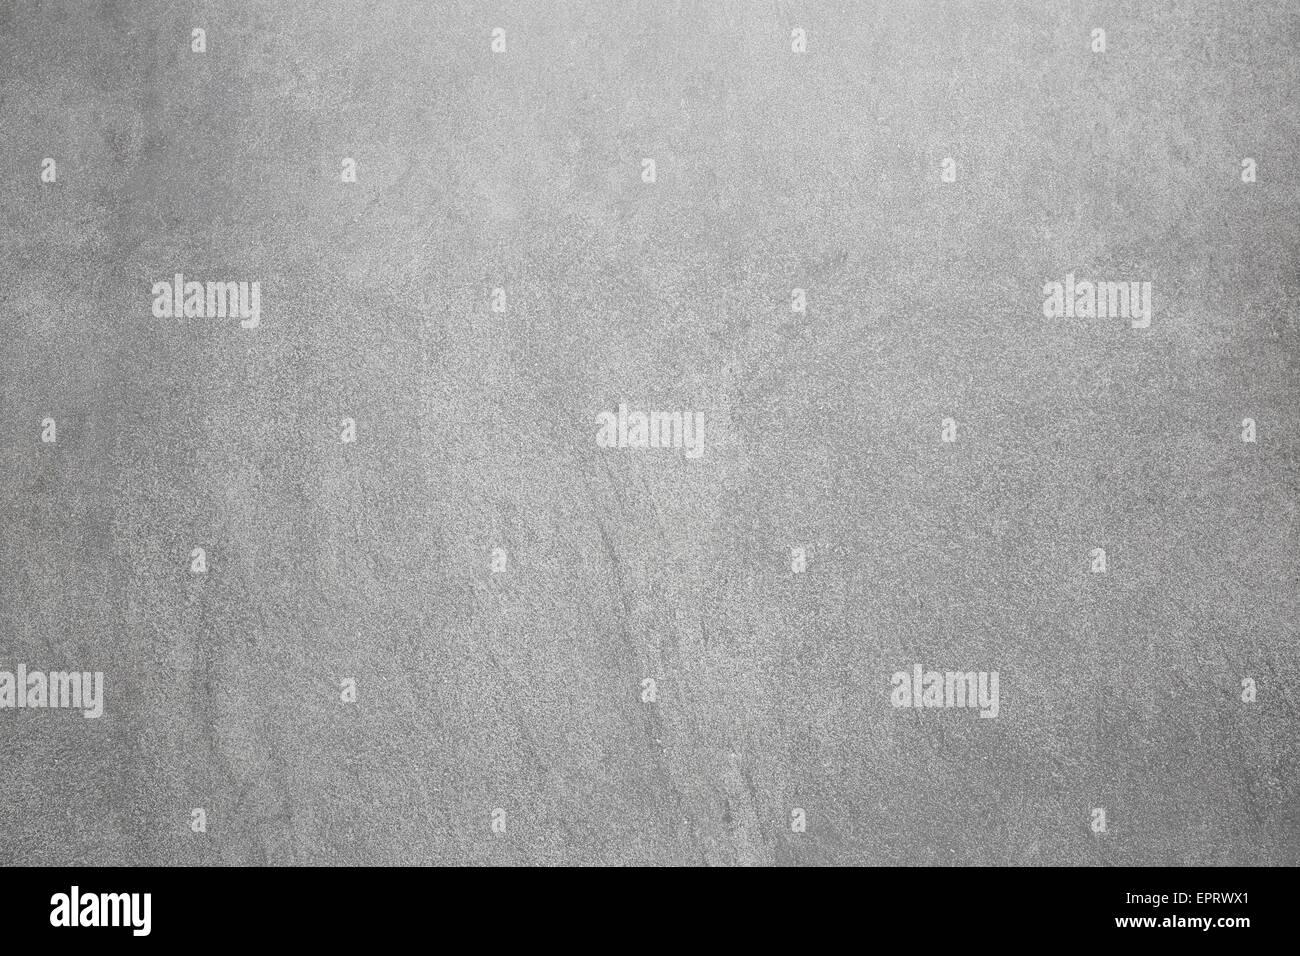 Mur de béton gris, abstract texture background Banque D'Images